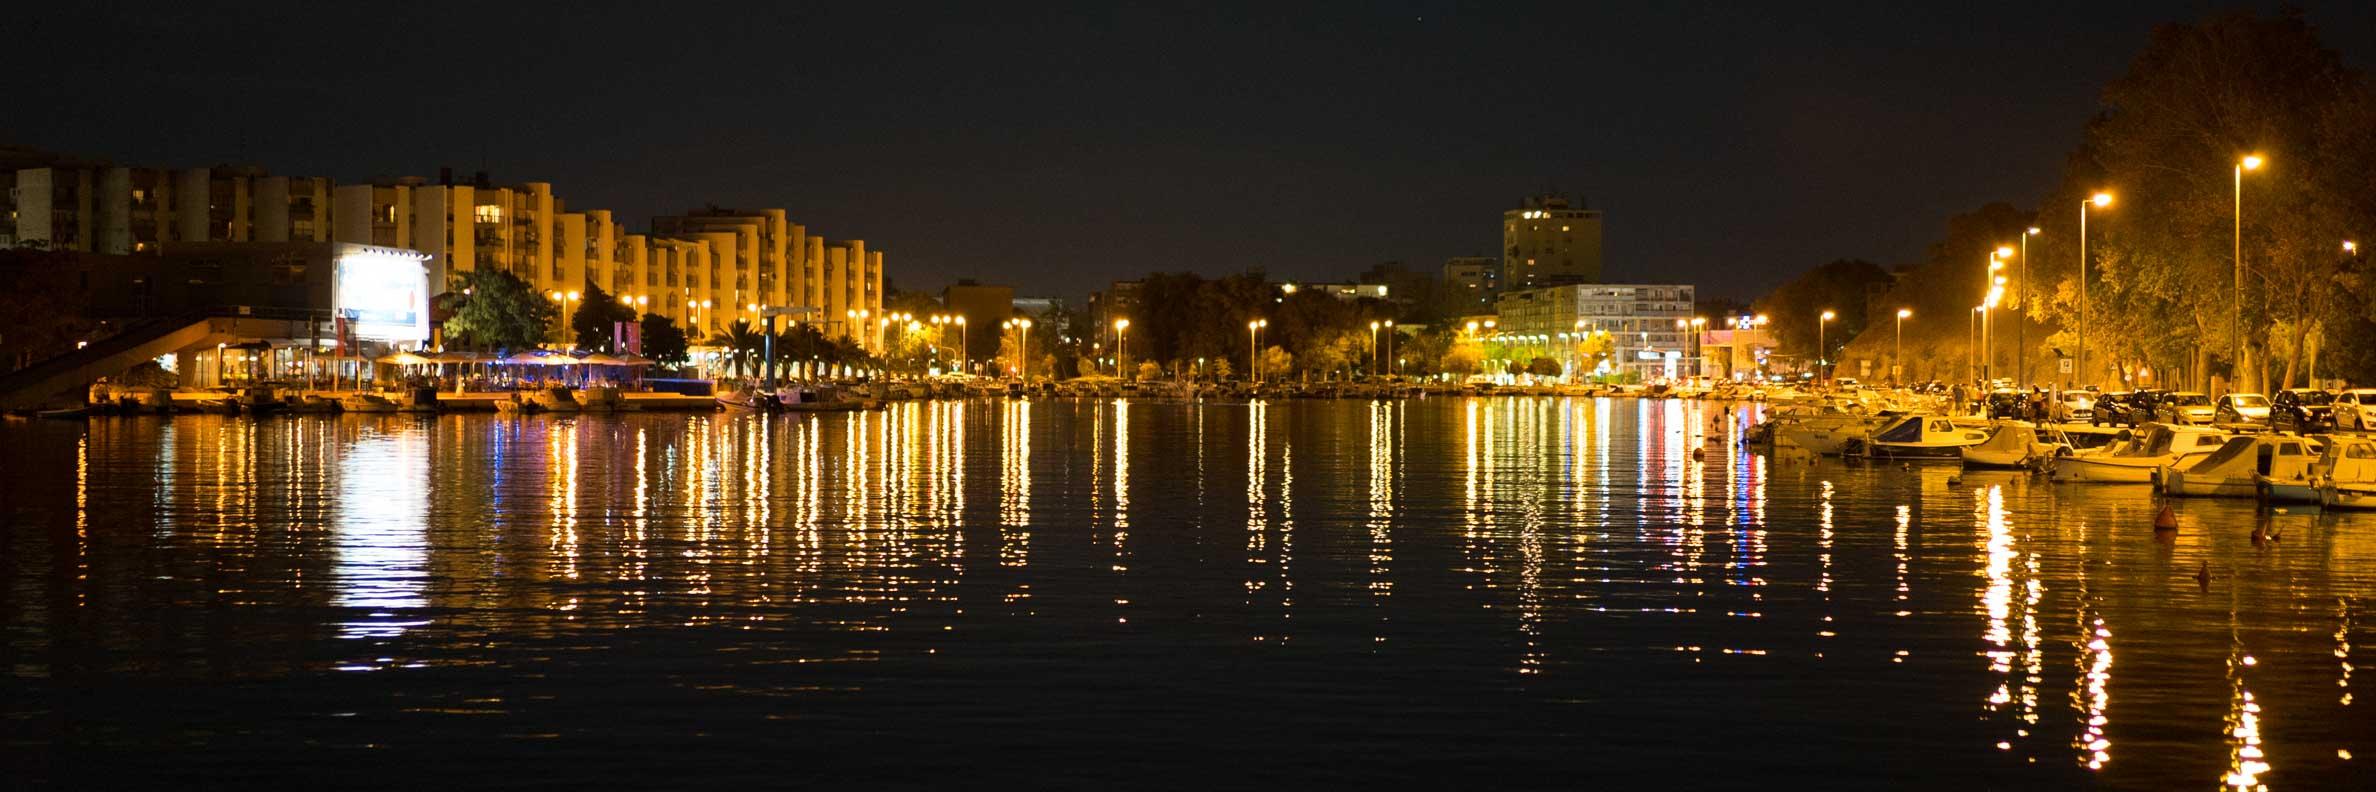 Eine Panorama-Aufnahme von Zadar bei Nacht